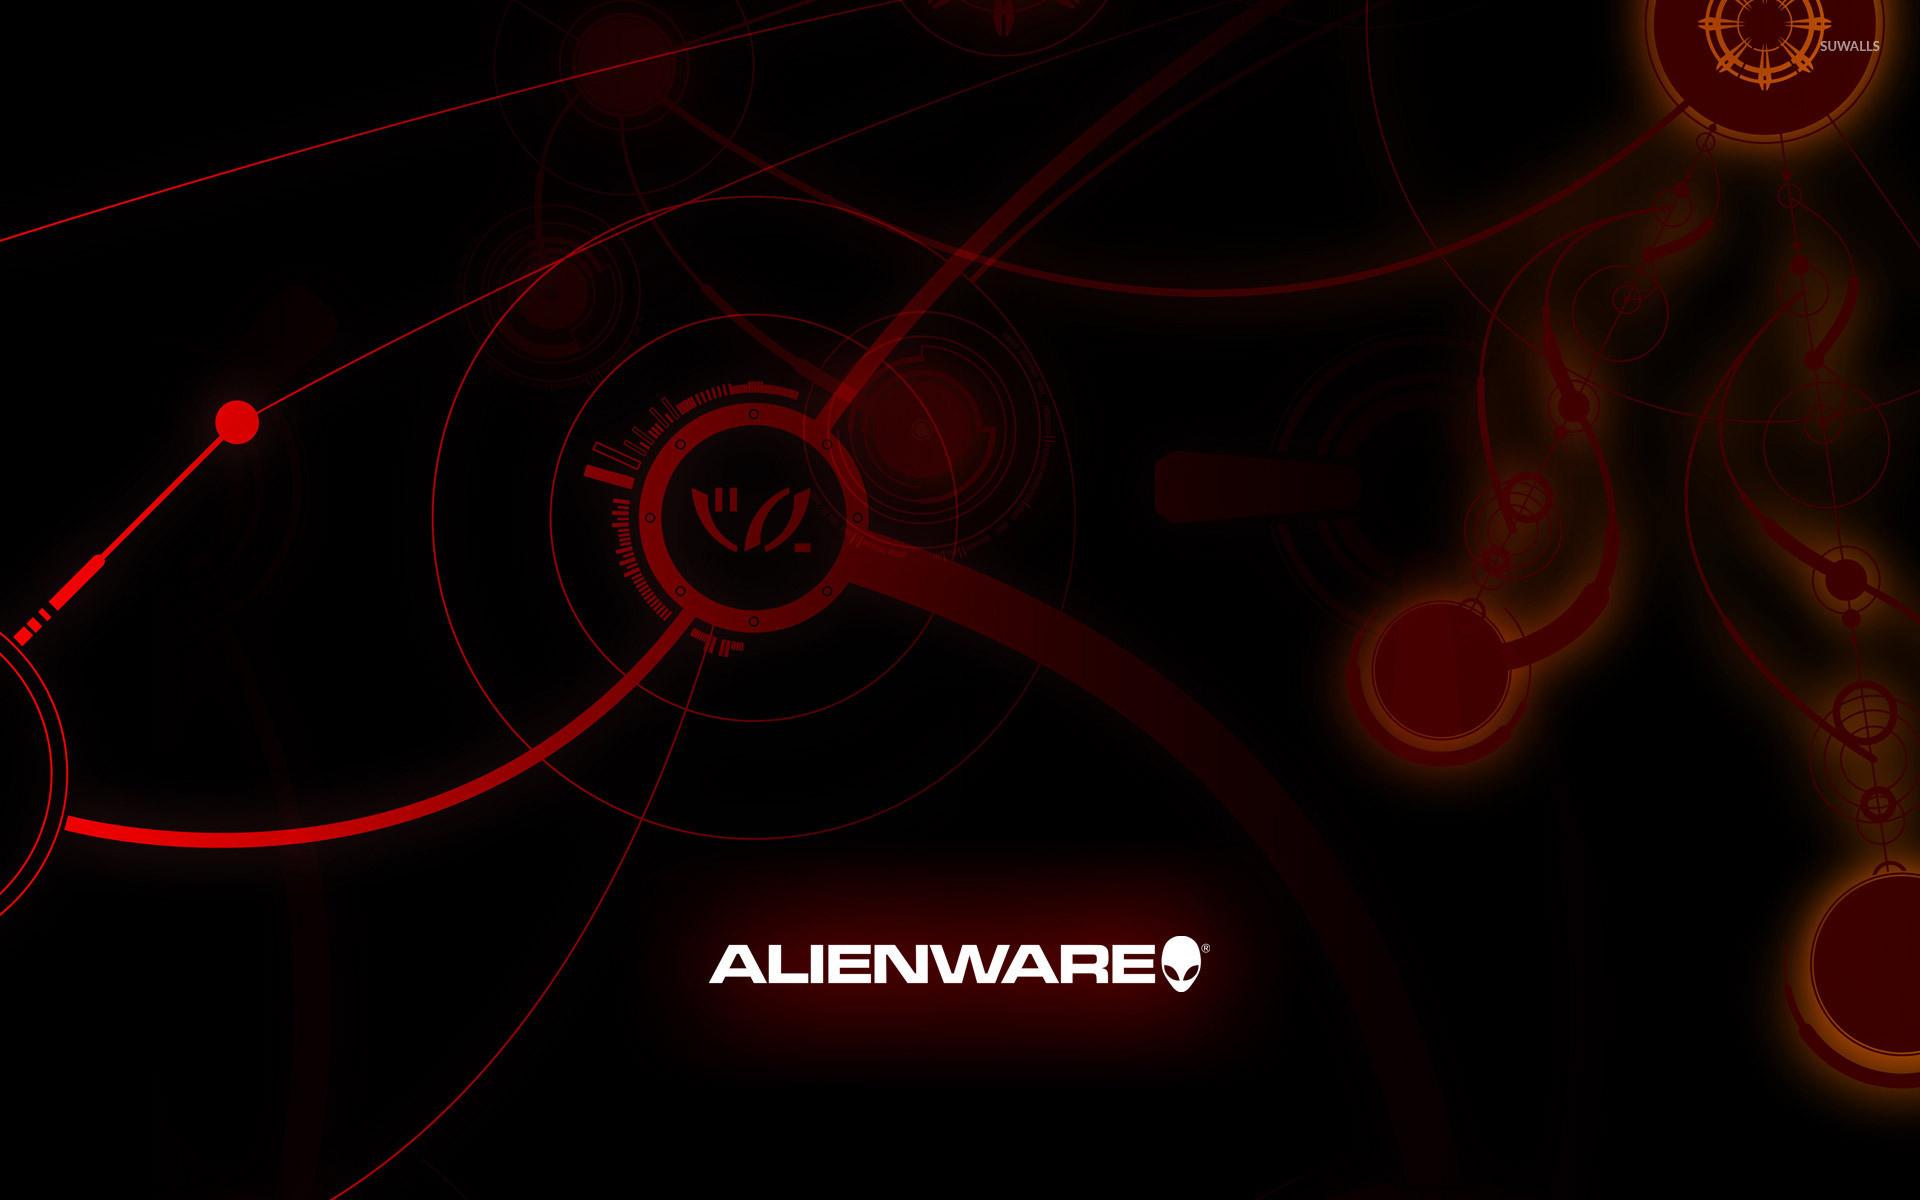 Alienware [8] wallpaper jpg